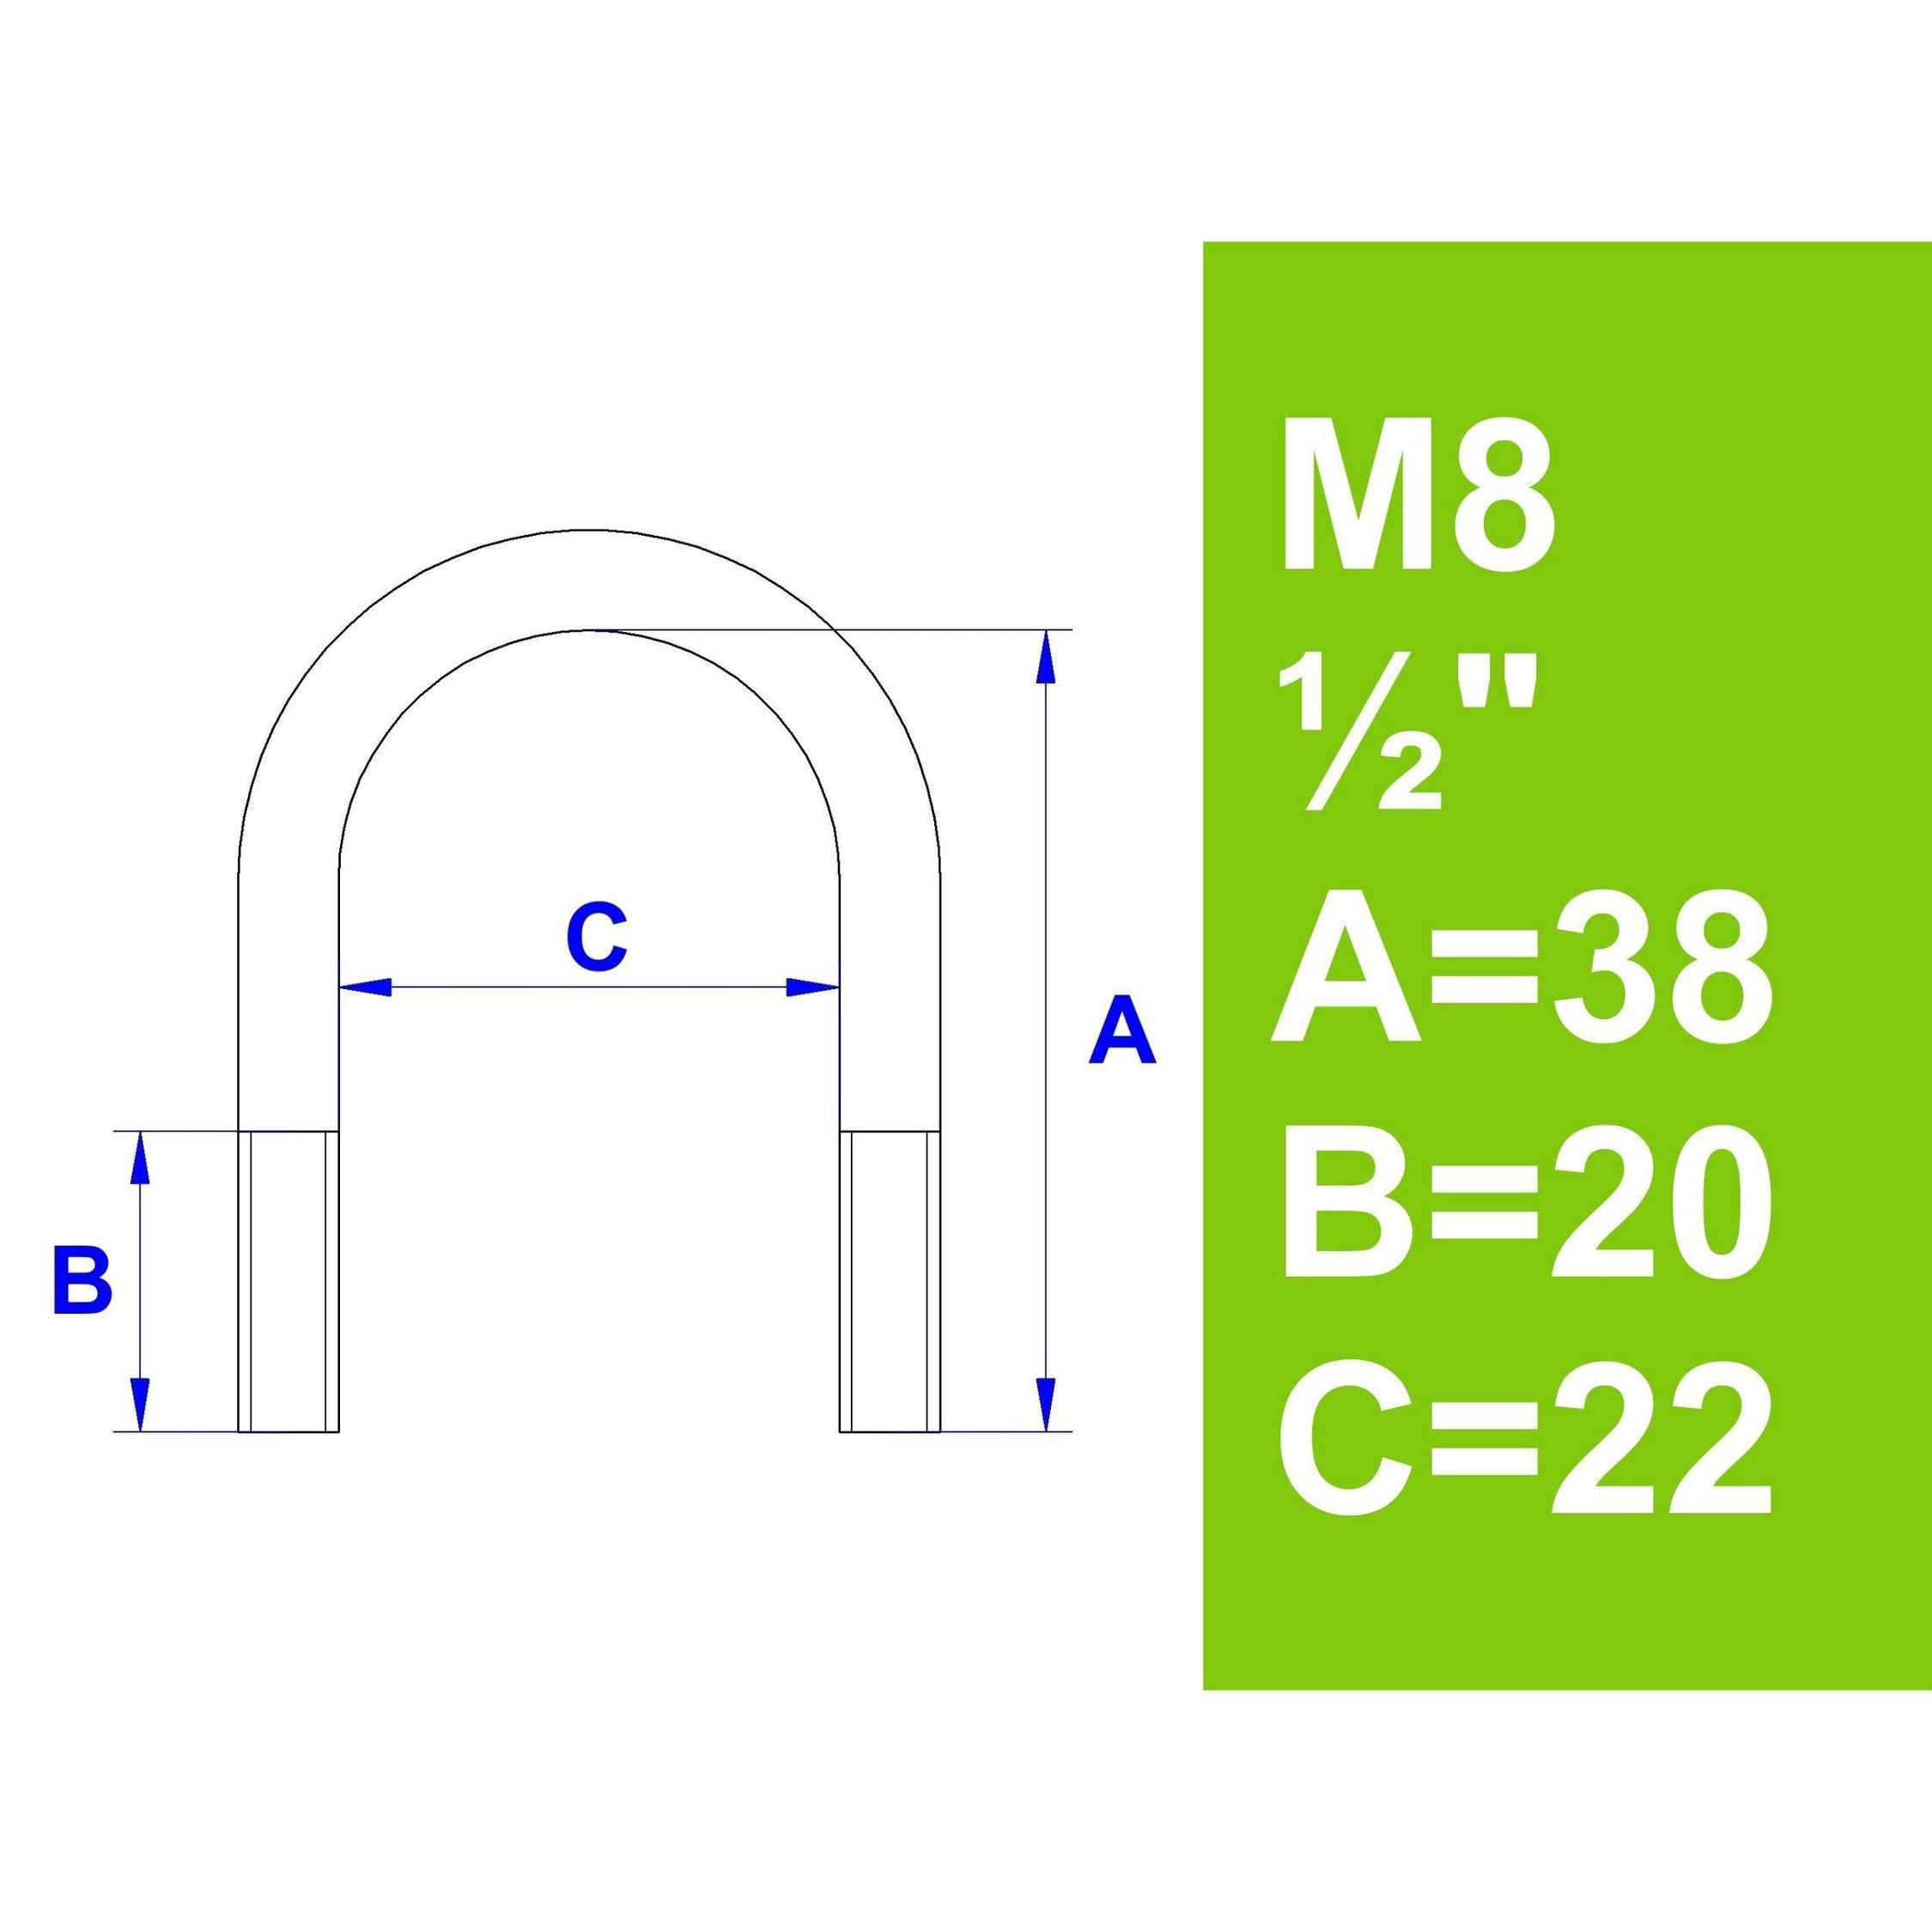 3//4 Ohne Zubeh/ör AVERDE B/ügelschraube 26,9 mm - M8